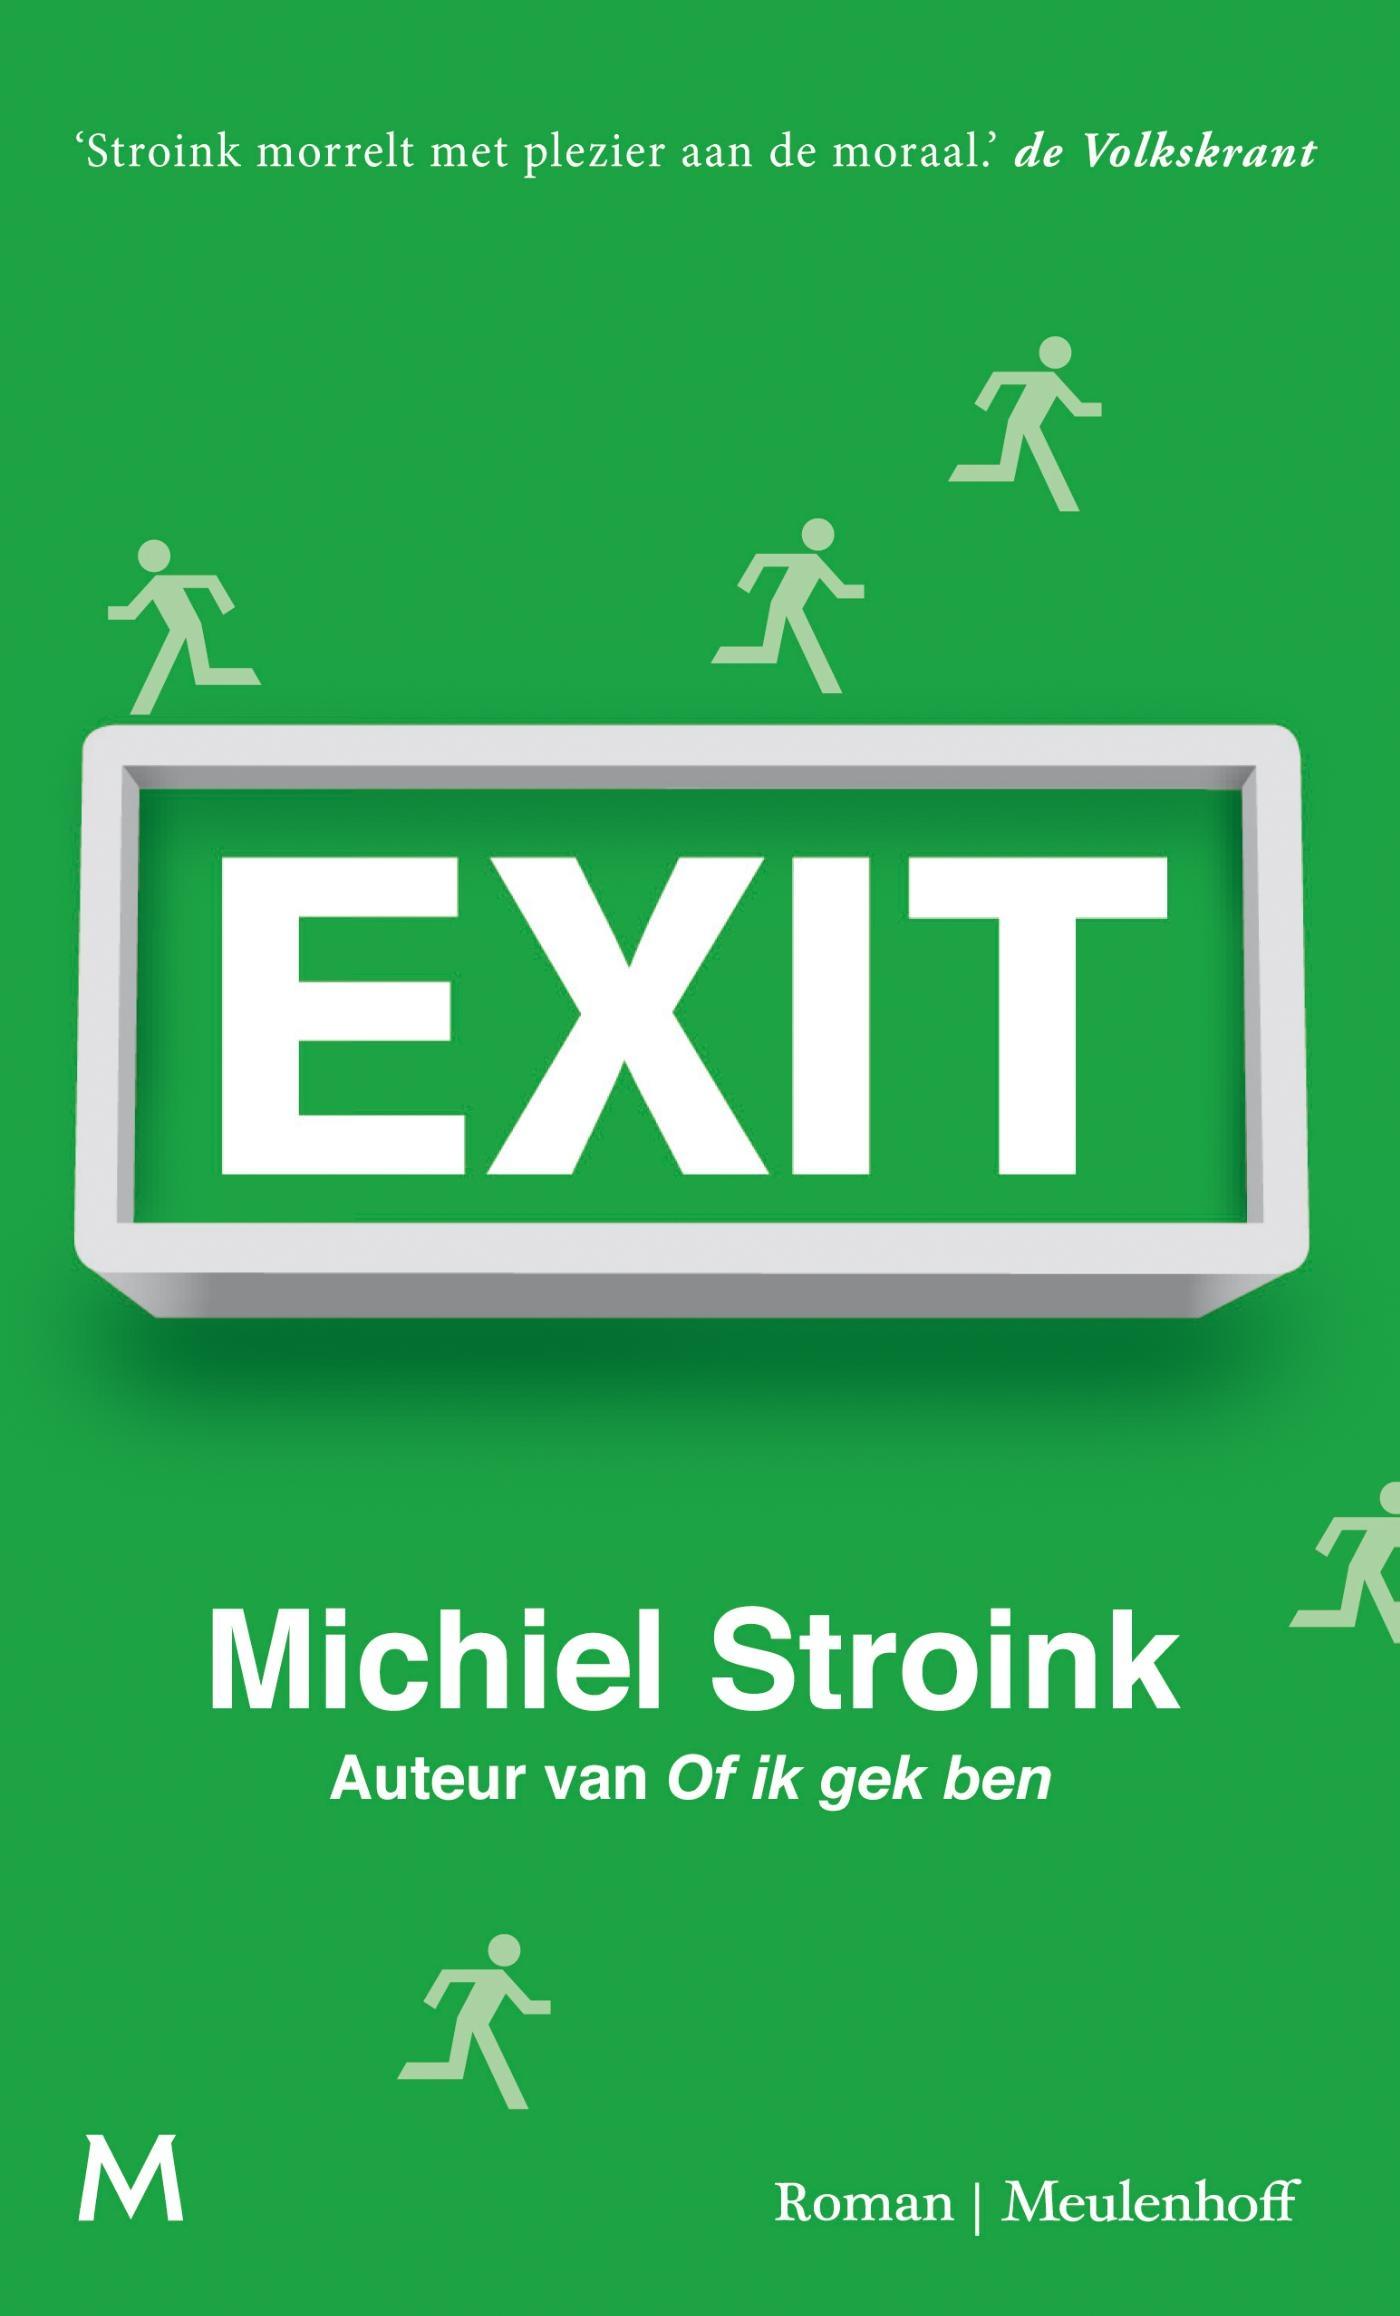 Exit – Michiel Stroink